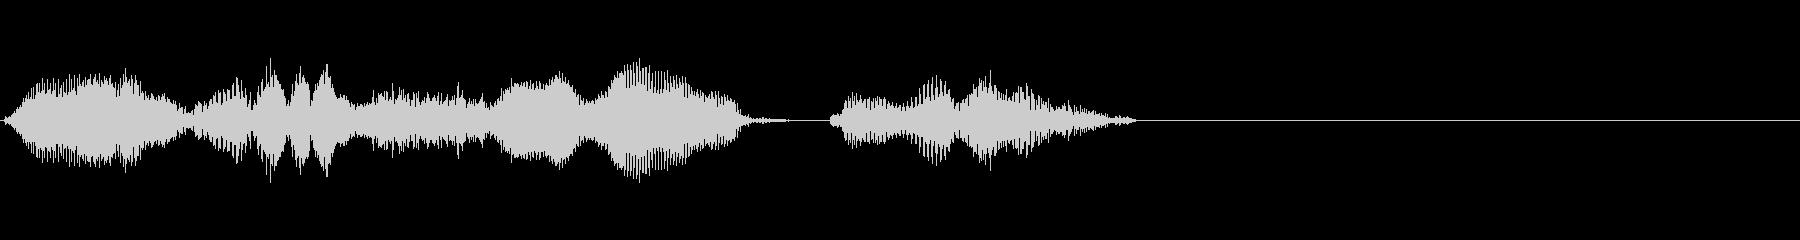 リリース予定(effect)の未再生の波形